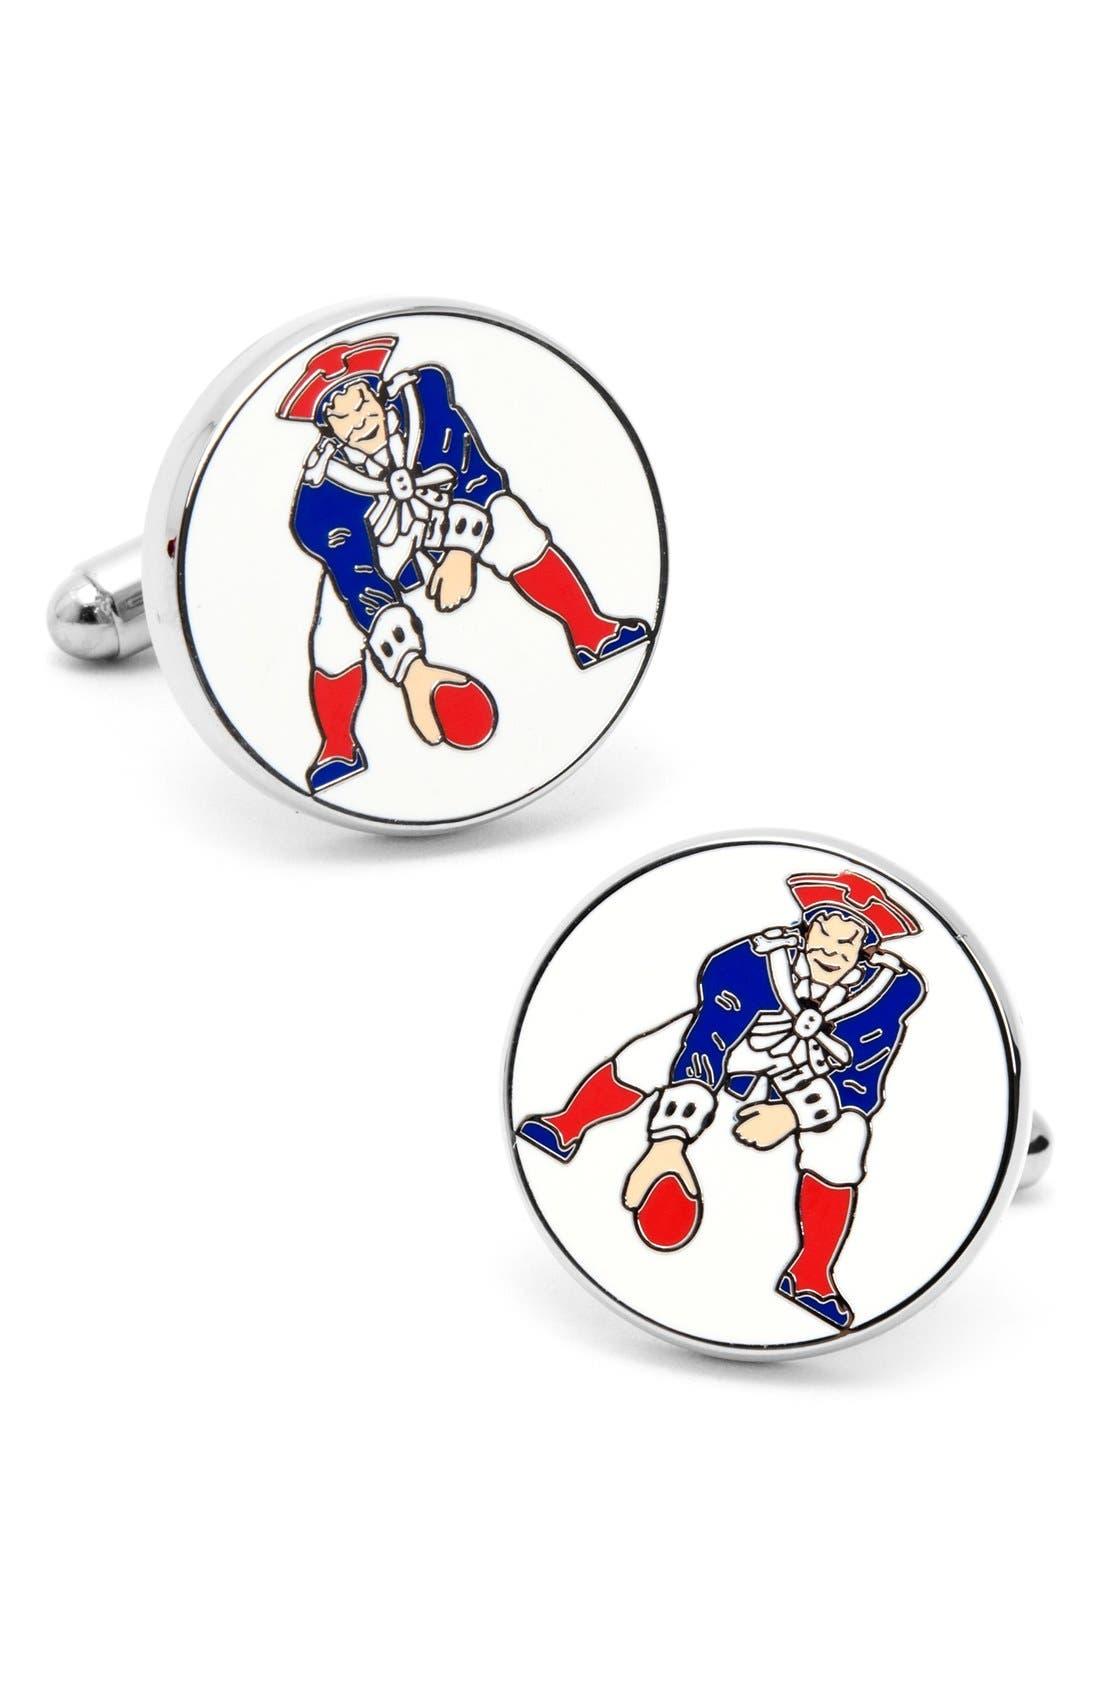 'Vintage Patriots' Cuff Links,                             Main thumbnail 1, color,                             BLUE